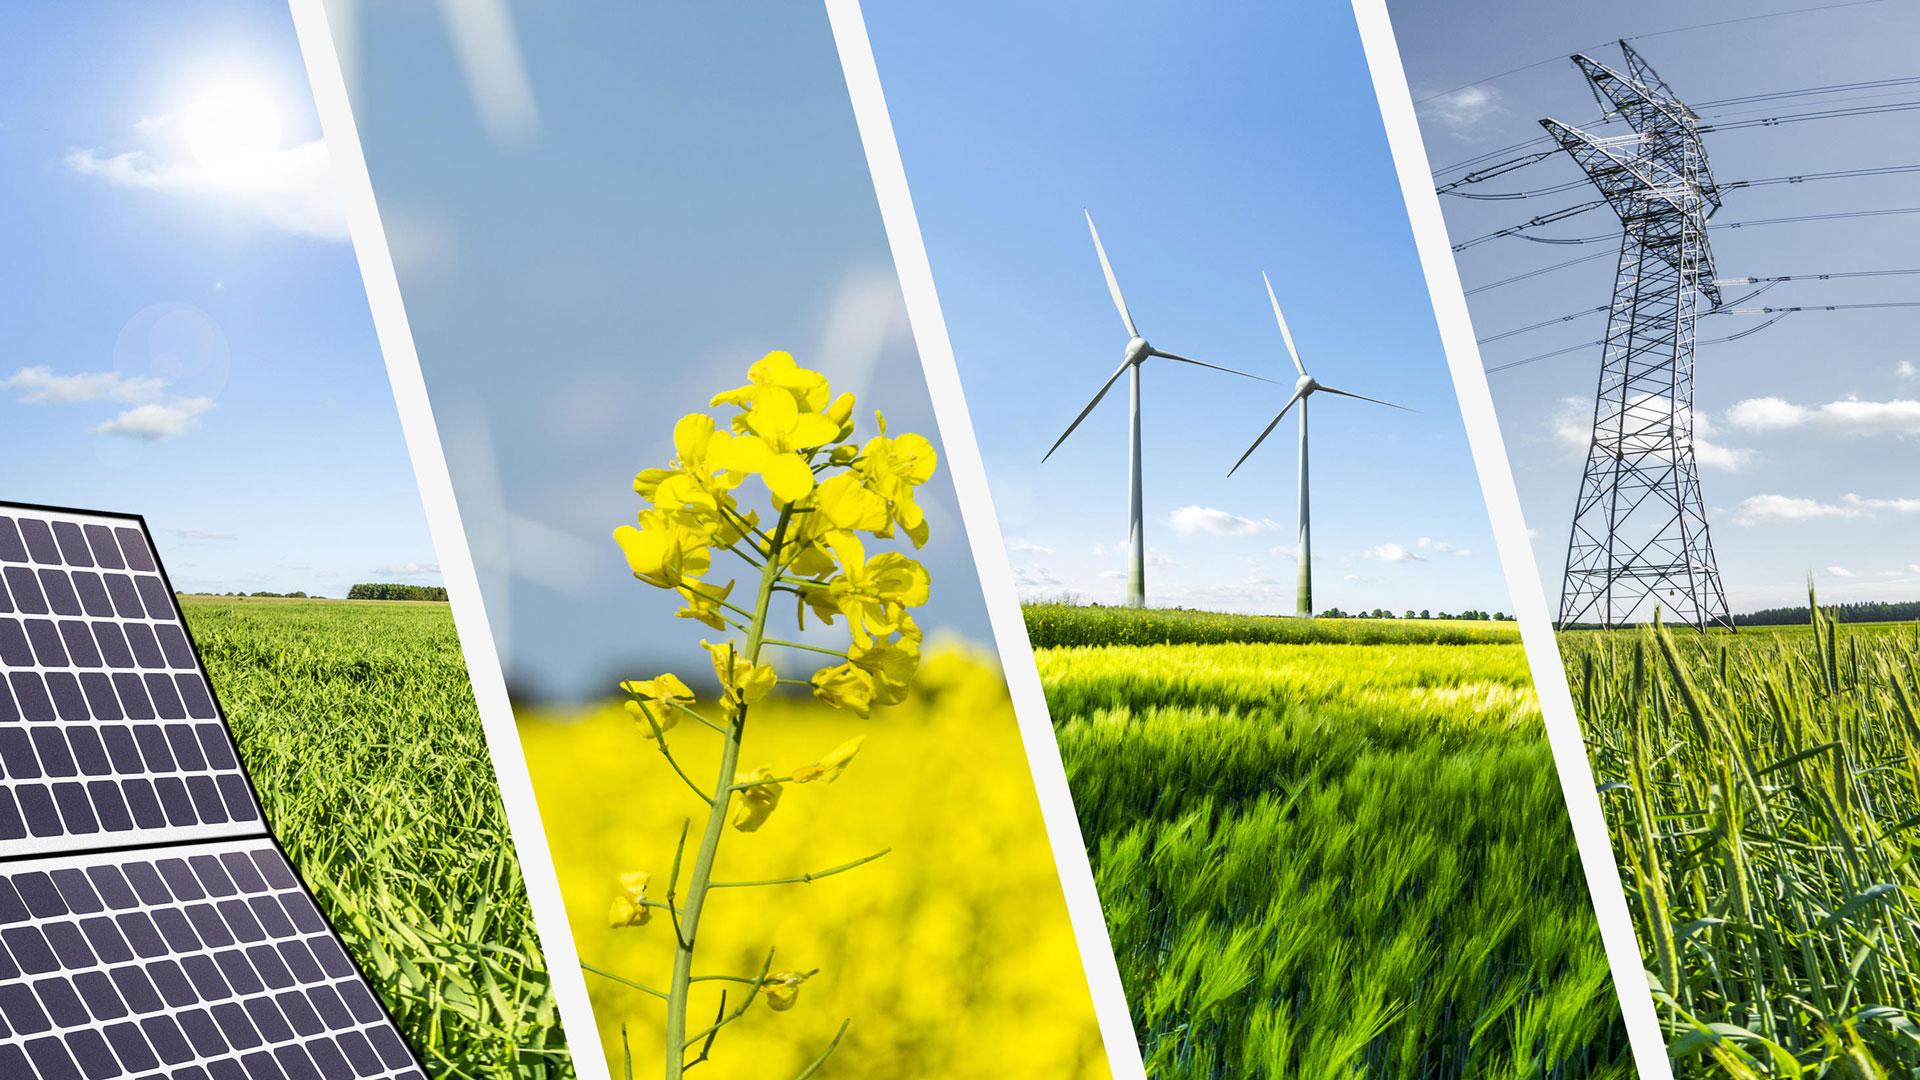 Ci occupiamo di progettazione, realizzazione e assistenza per impianti di produzione di energia da fonti rinnovabili